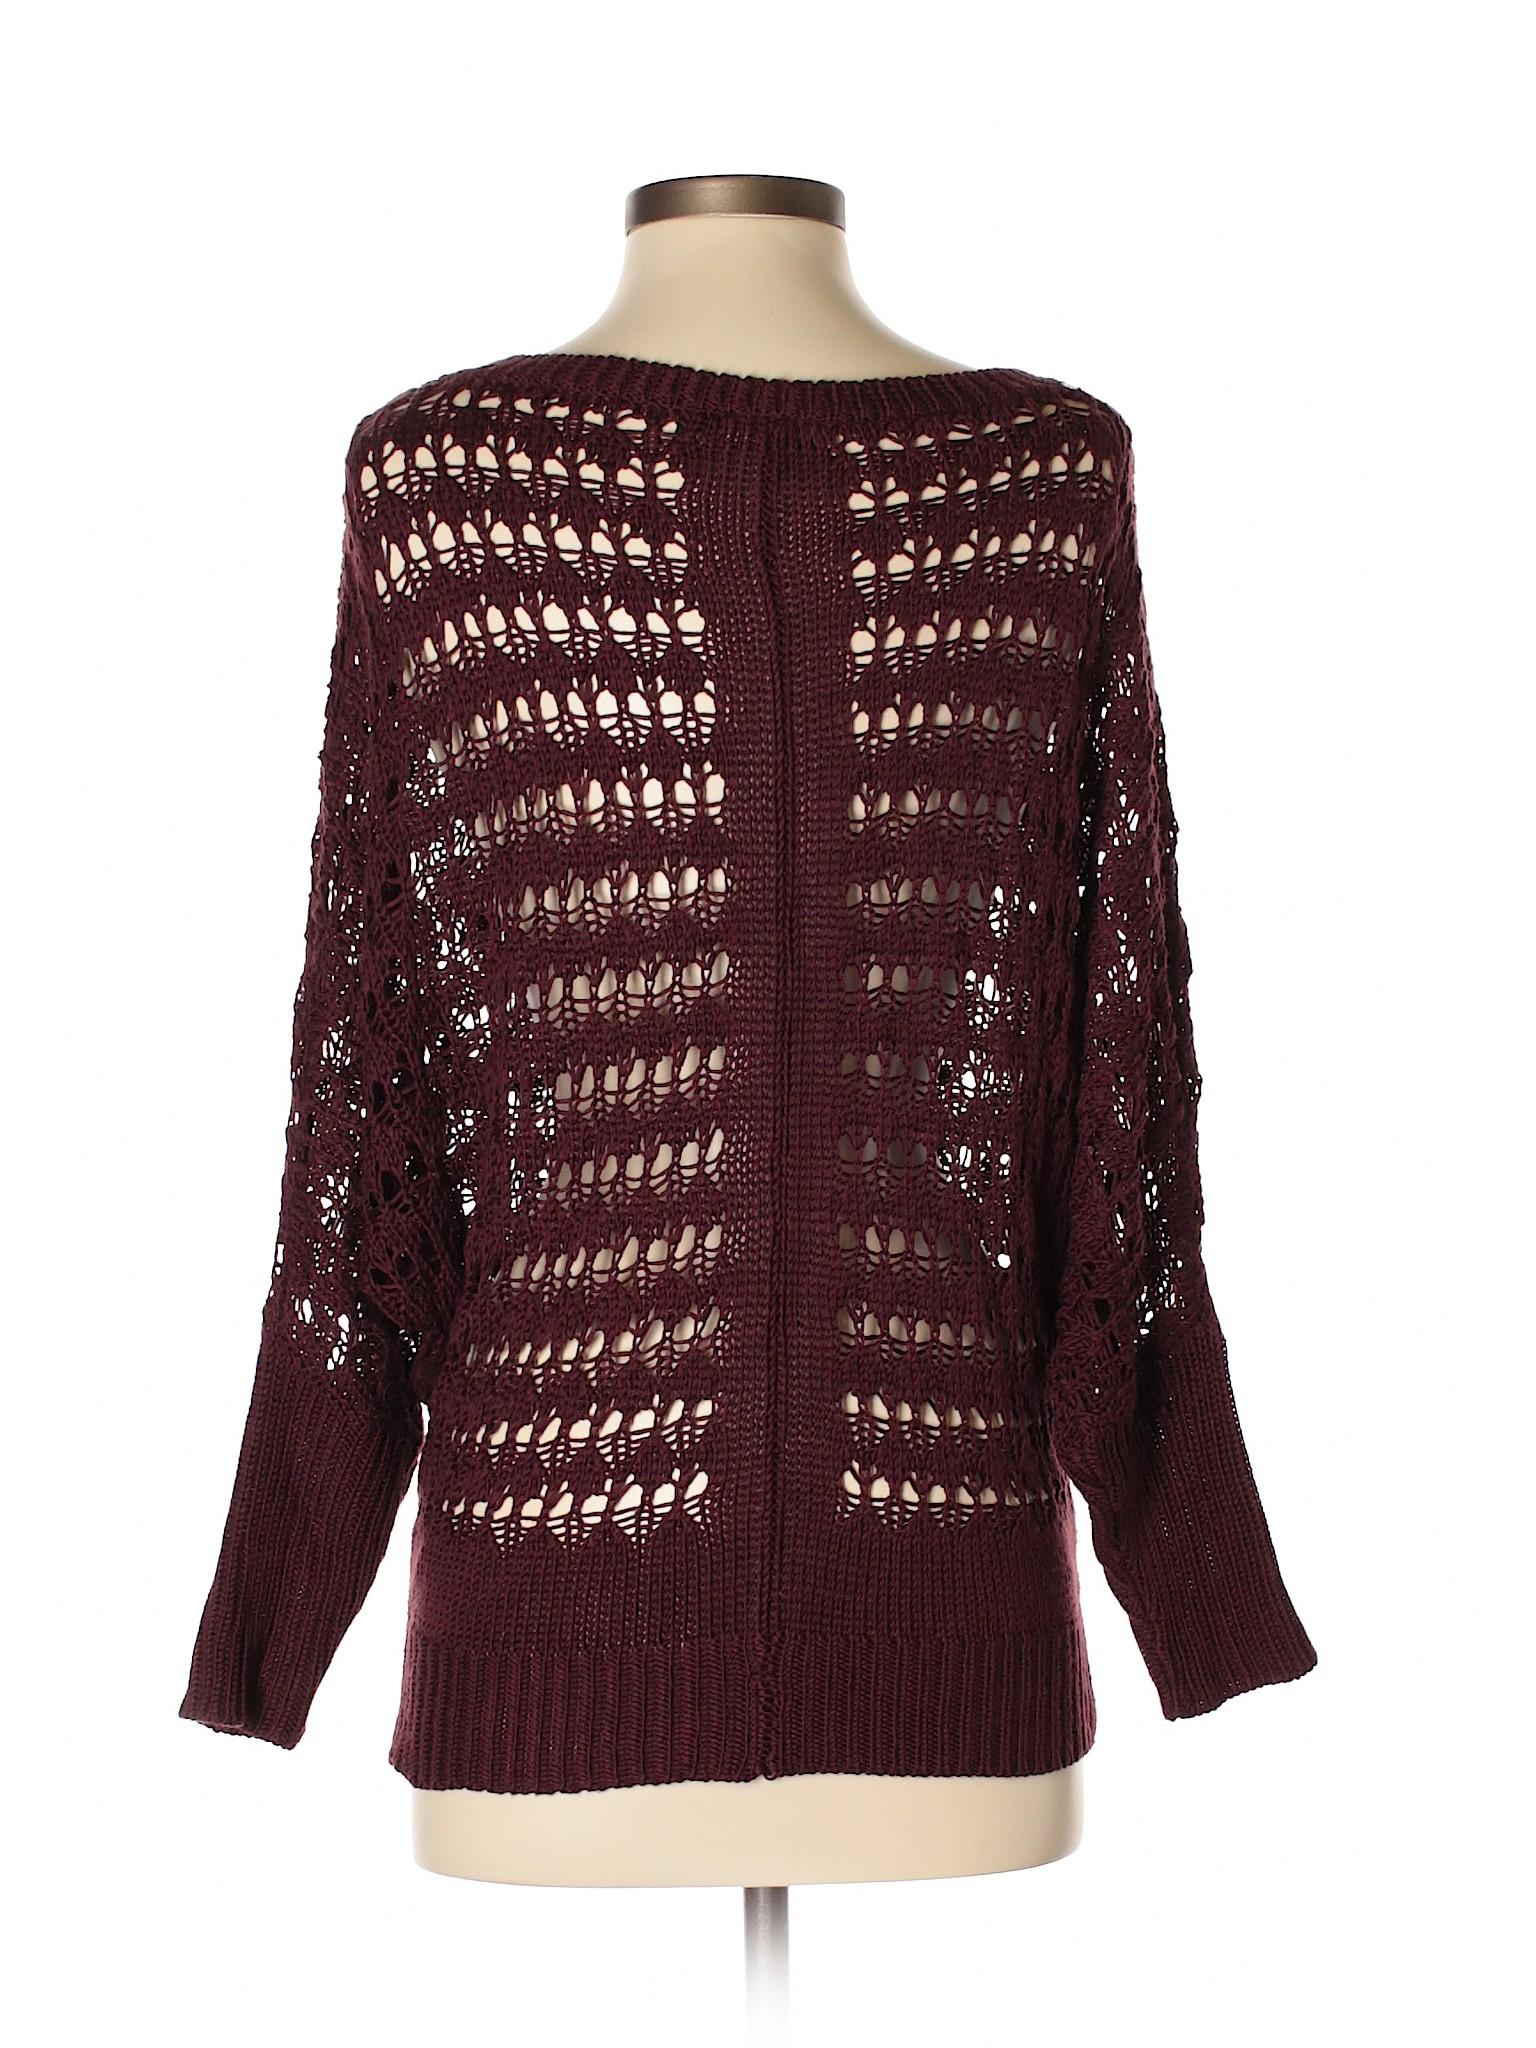 Allen by Schwartz Pullover Sweater Boutique B Allen EtqwppzB